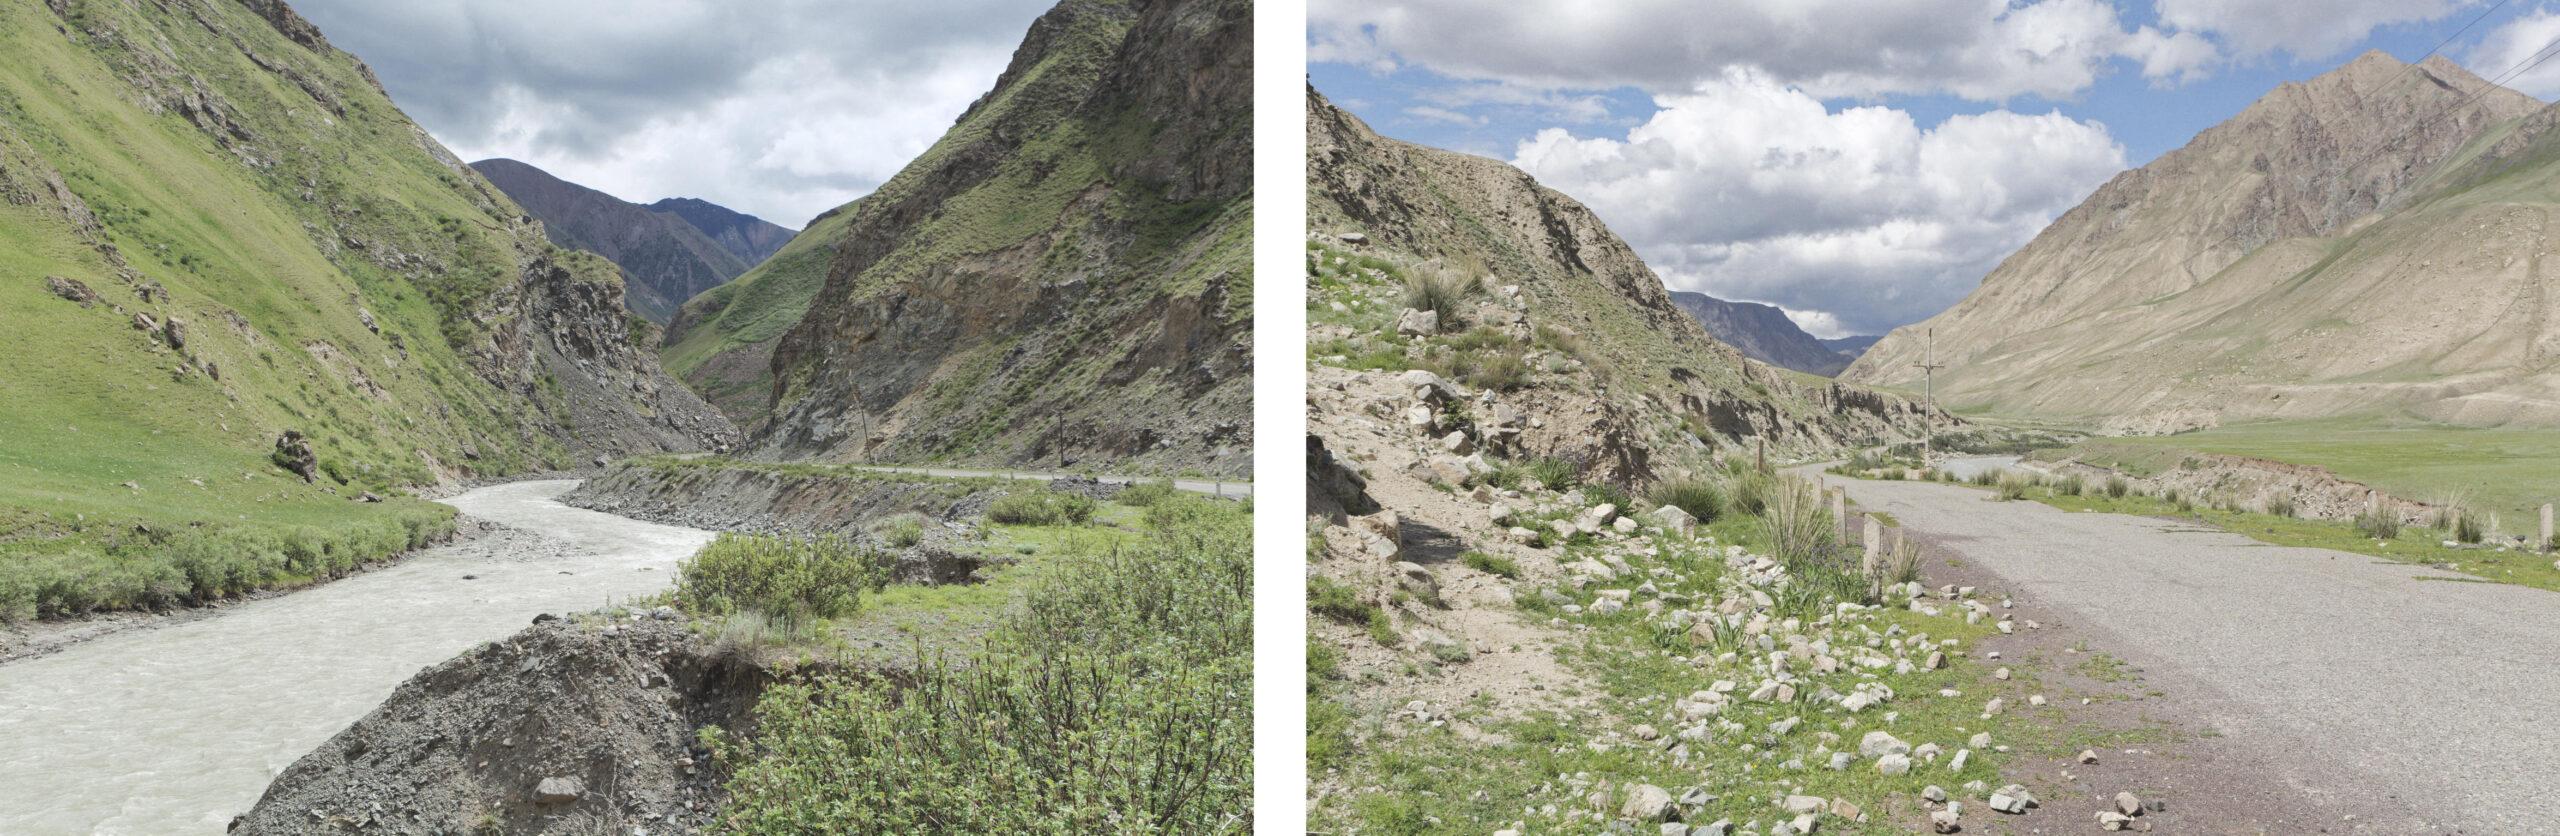 Rivière et route Inylchek Kirghizstan